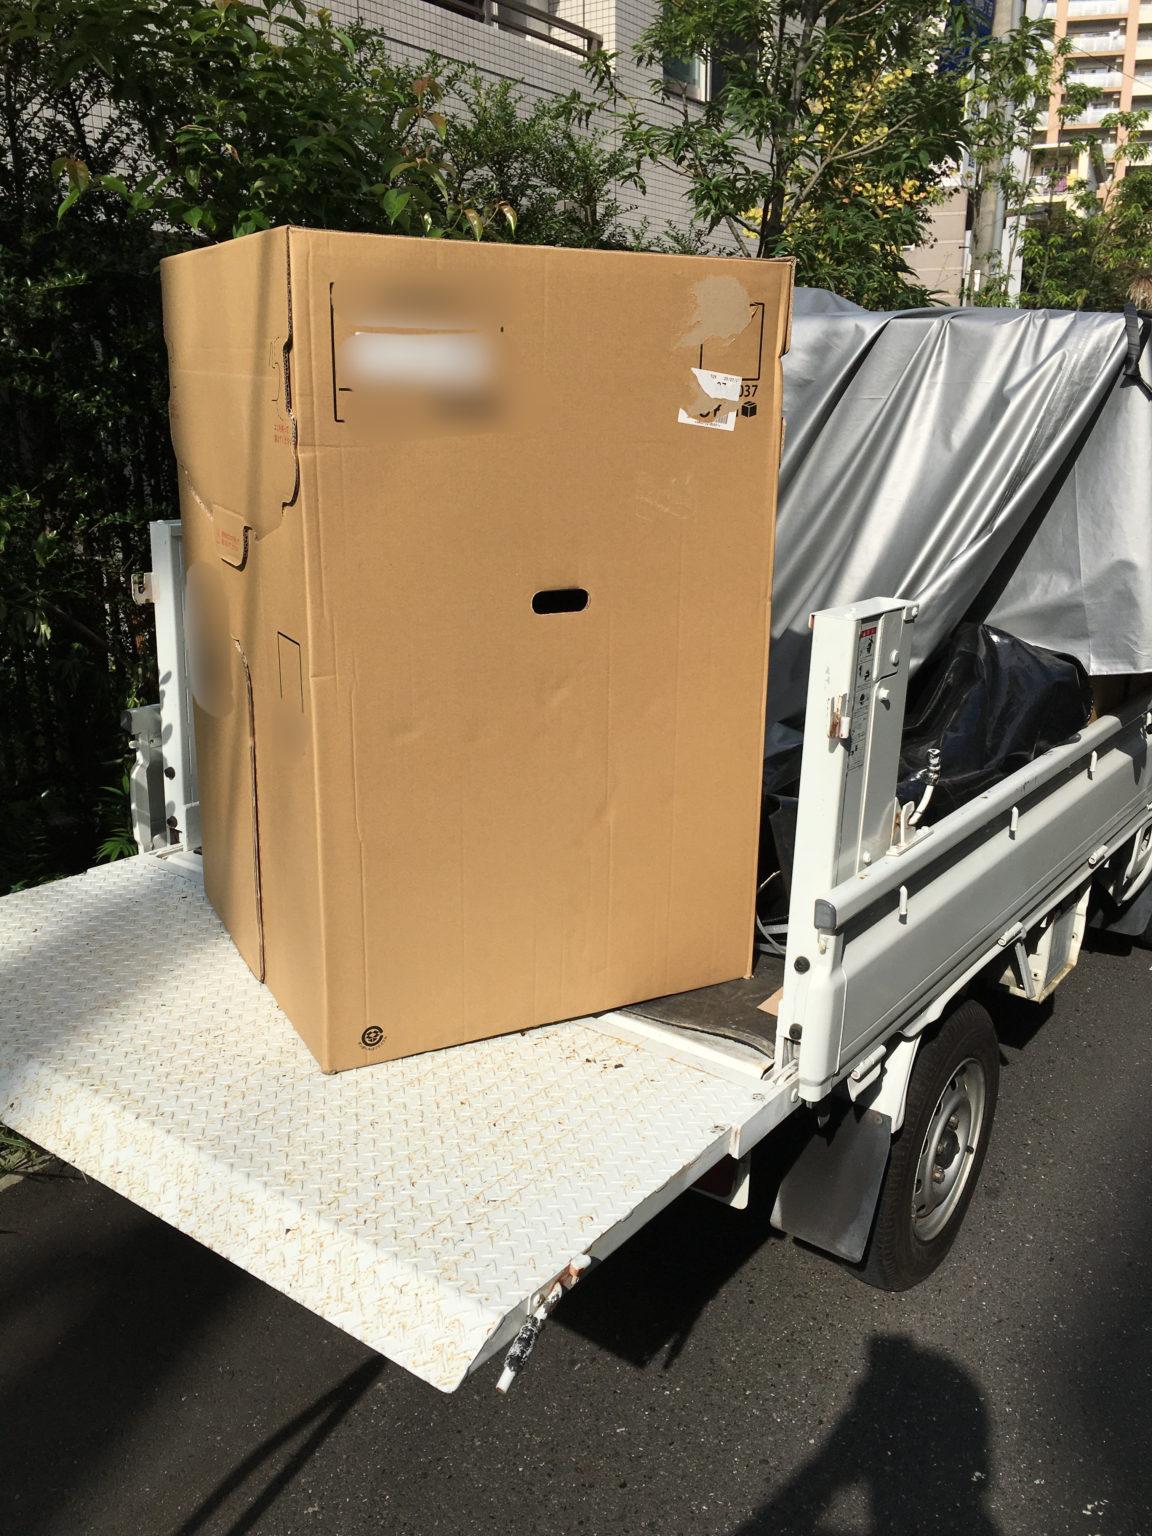 椅子配送 【軽貨物運送の検証ブログ】